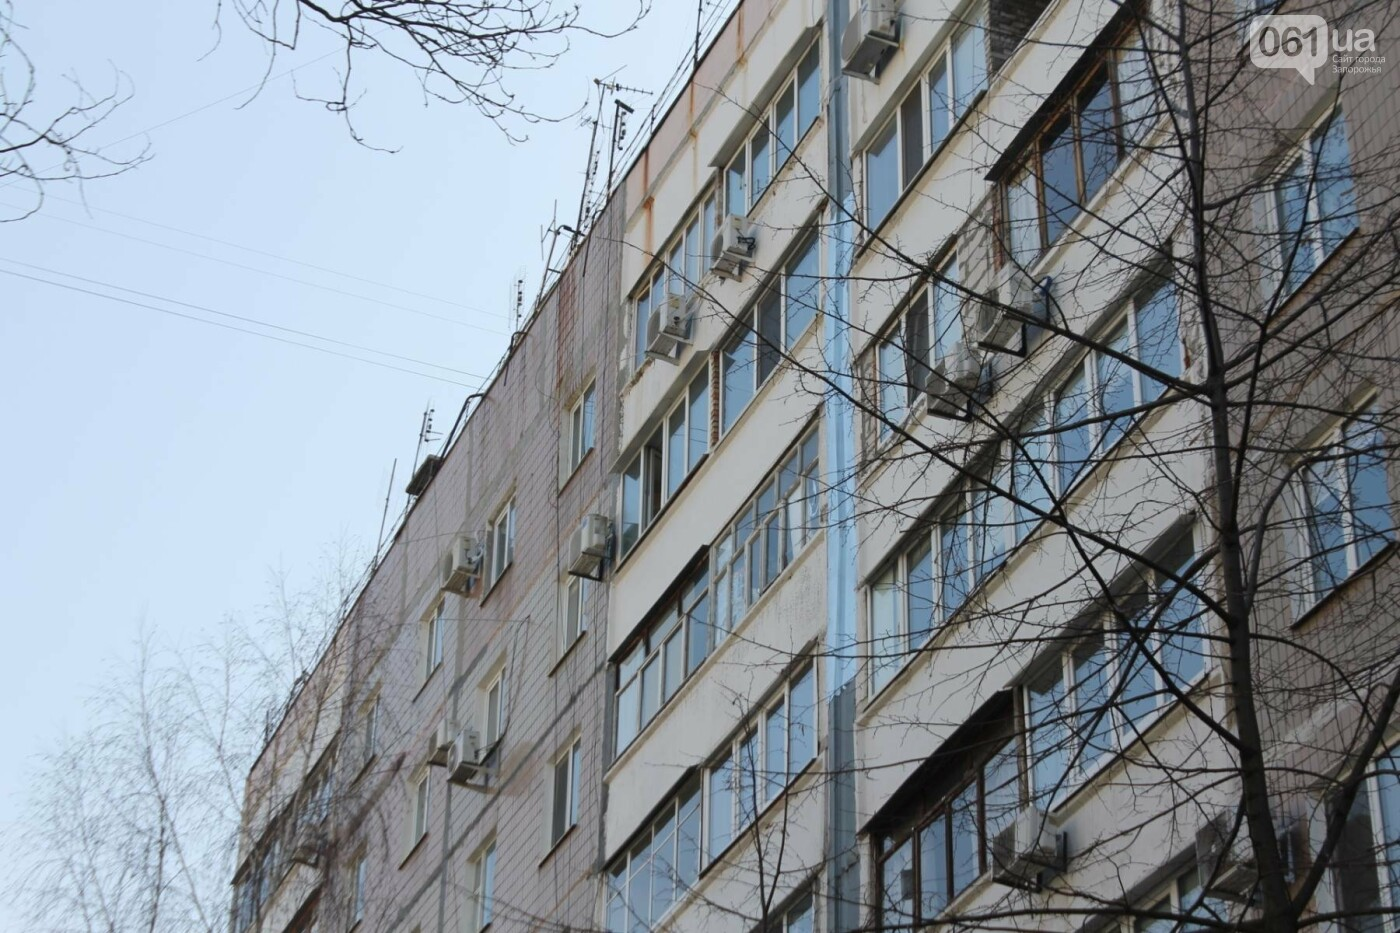 Сам себе хозяин: как запорожские ОСМД занимаются энергосбережением и значительно экономят на тарифах, — ФОТО, фото-2